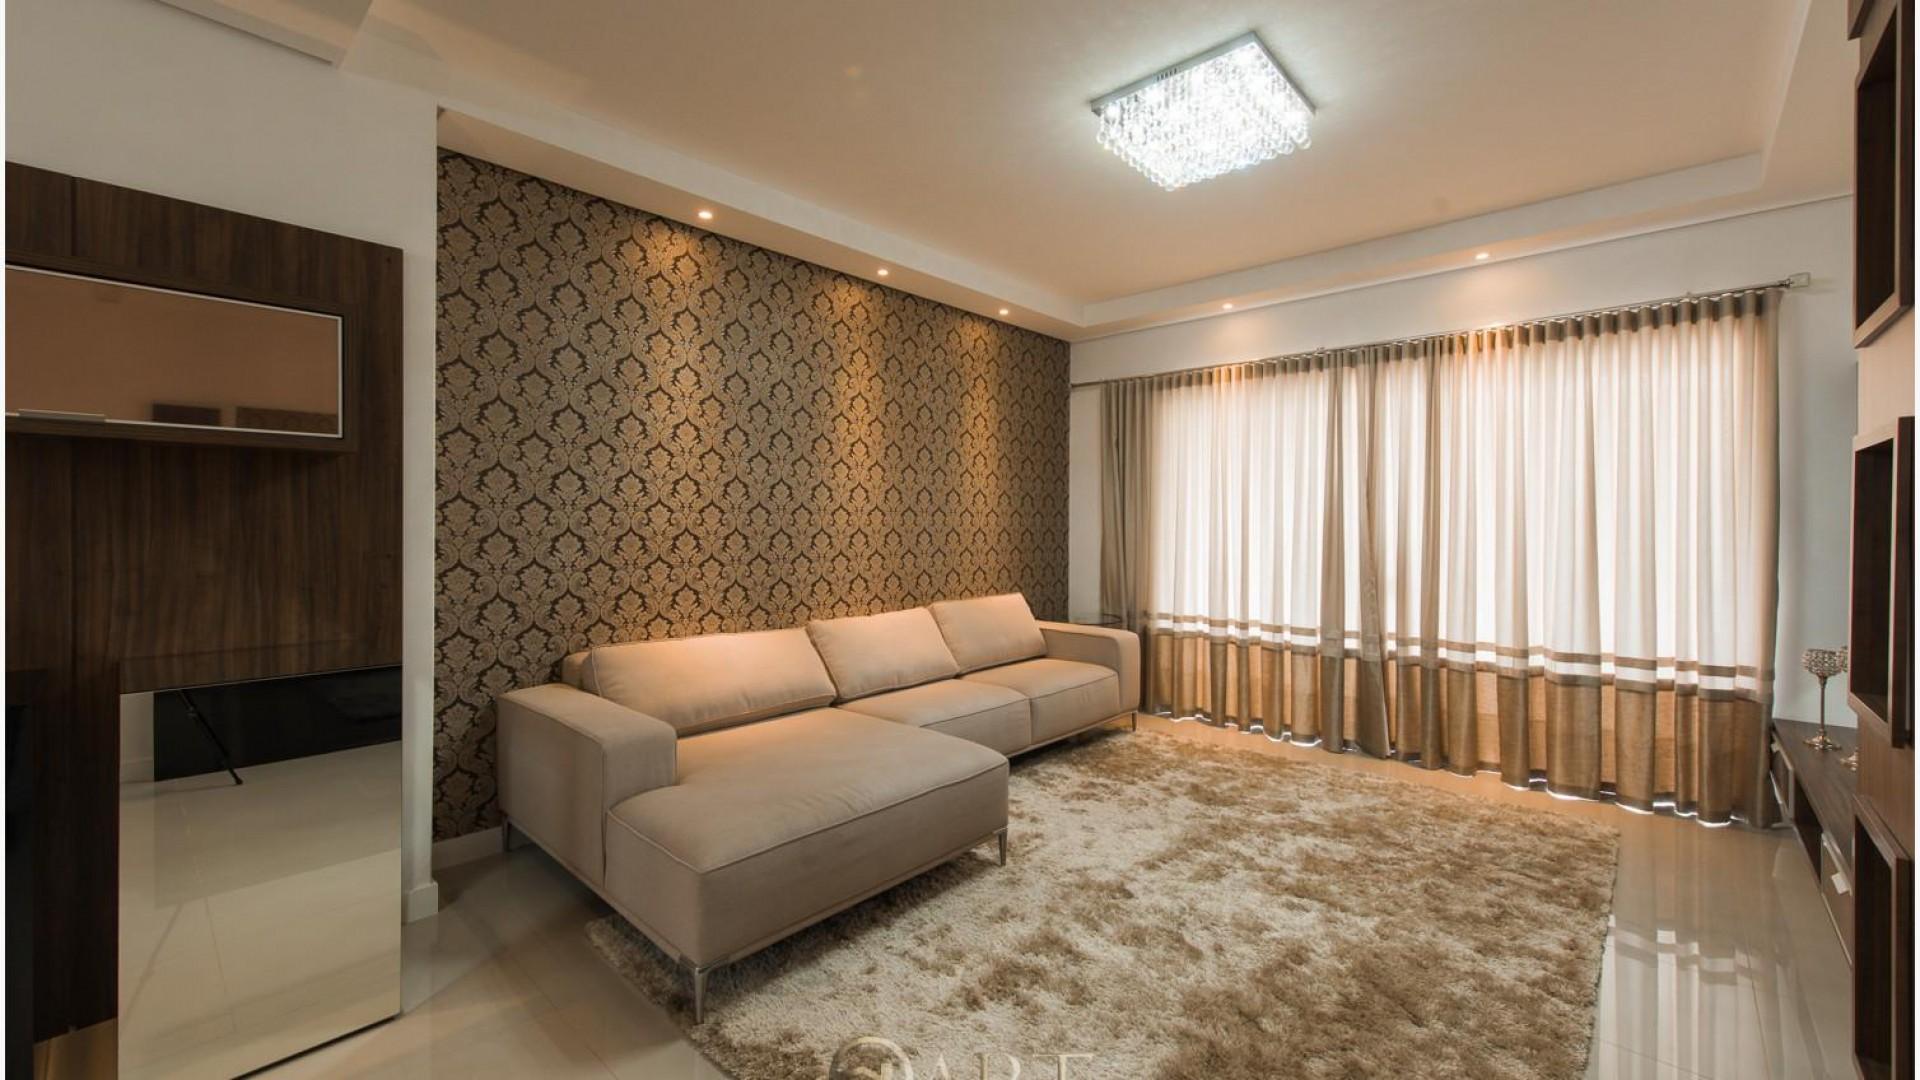 Apartamento com 3 suítes abastecido com Água Termal em Termas do Gravatal - Foto 2 Sala de Estar com sacada, iluminação natural e vista privilegiada!